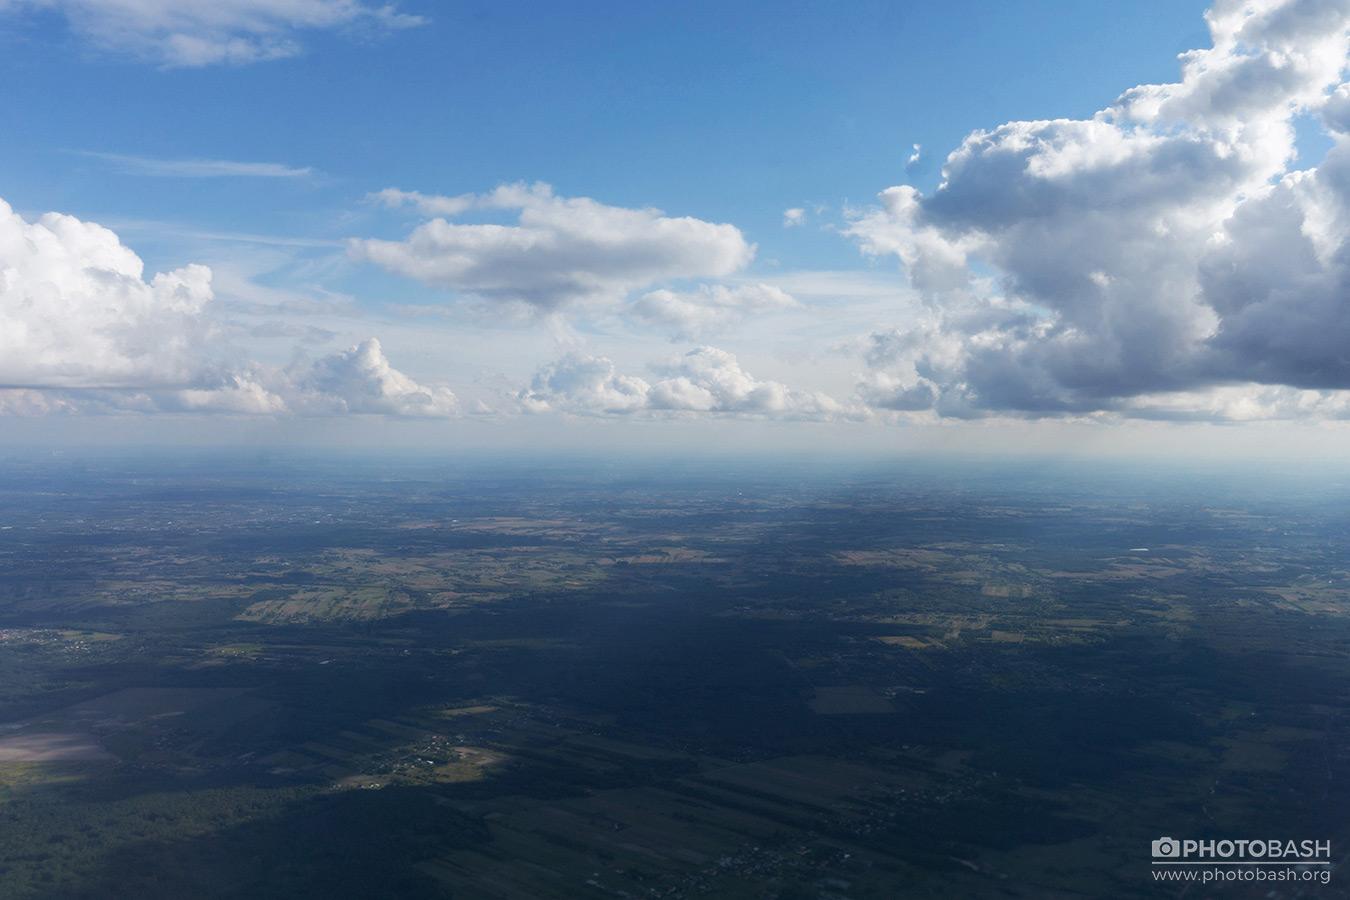 Aerial-Blue-Skies-Clouds-Landscape.jpg